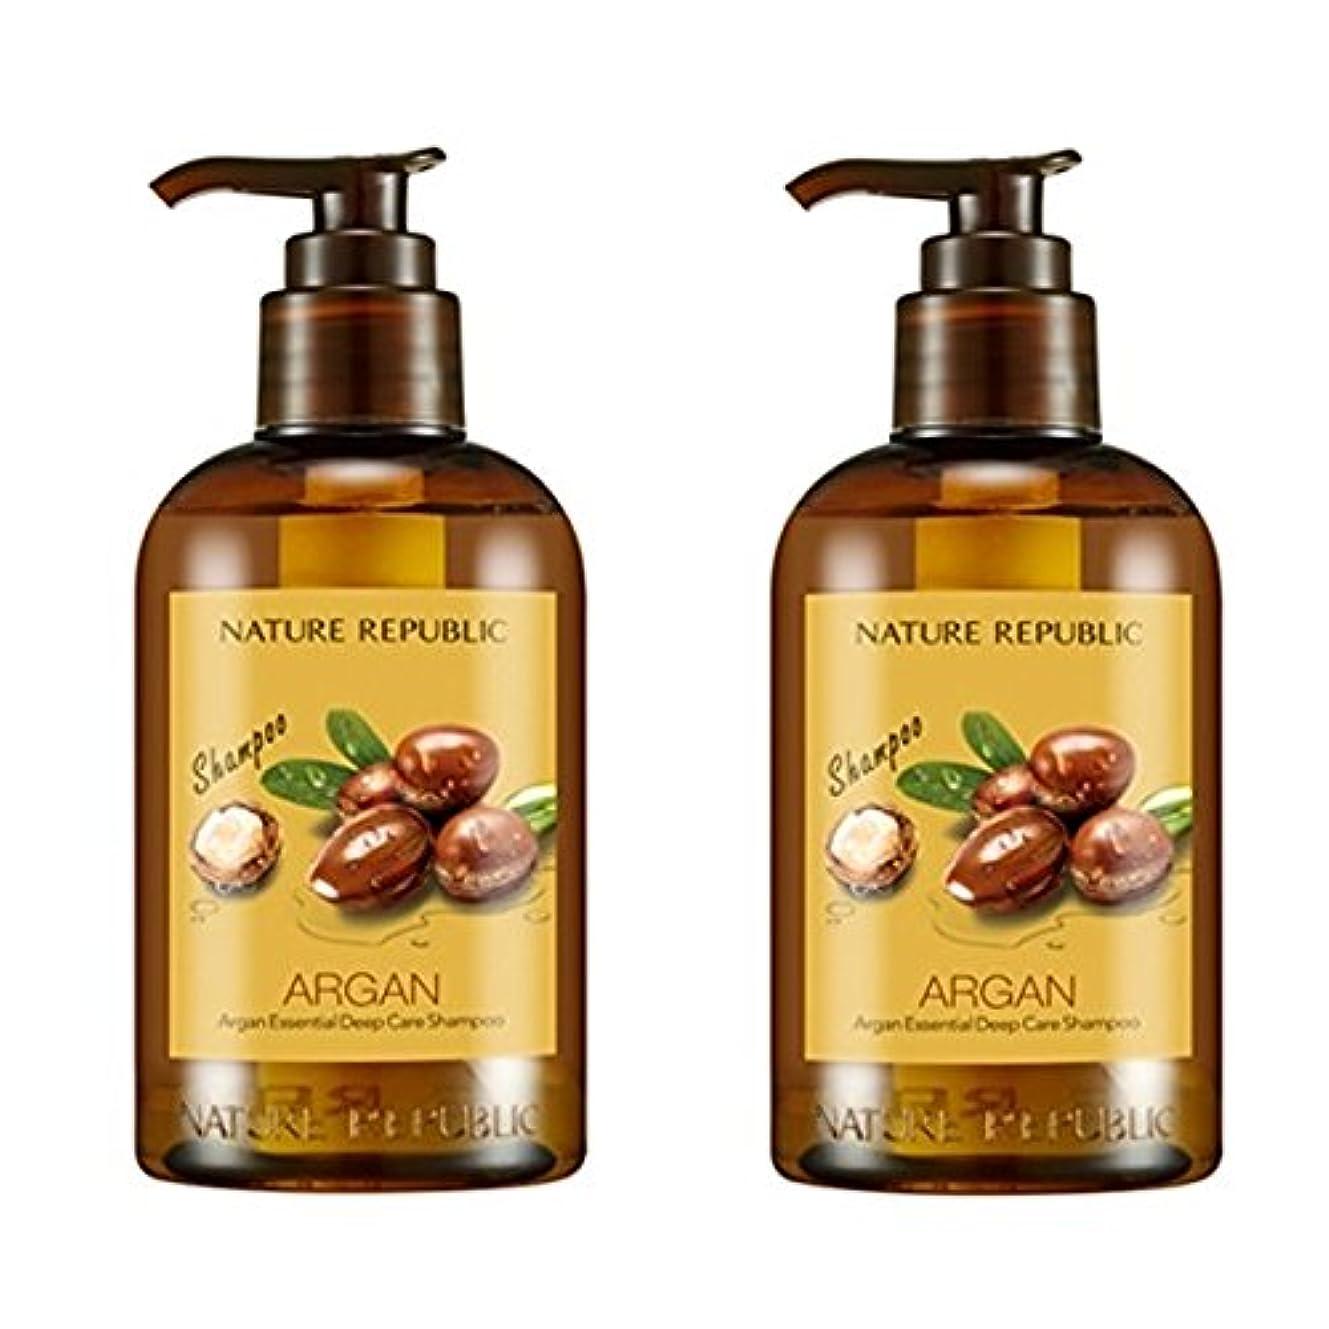 コーナーチャールズキージング白鳥ネイチャーリパブリック(NATURE REPUBLIC) アルガン エッセンシャル ディープ ケア シャンプー x 2本 (Argan Essential Deep Care Shampoo x2pcs Set) [並行輸入品]